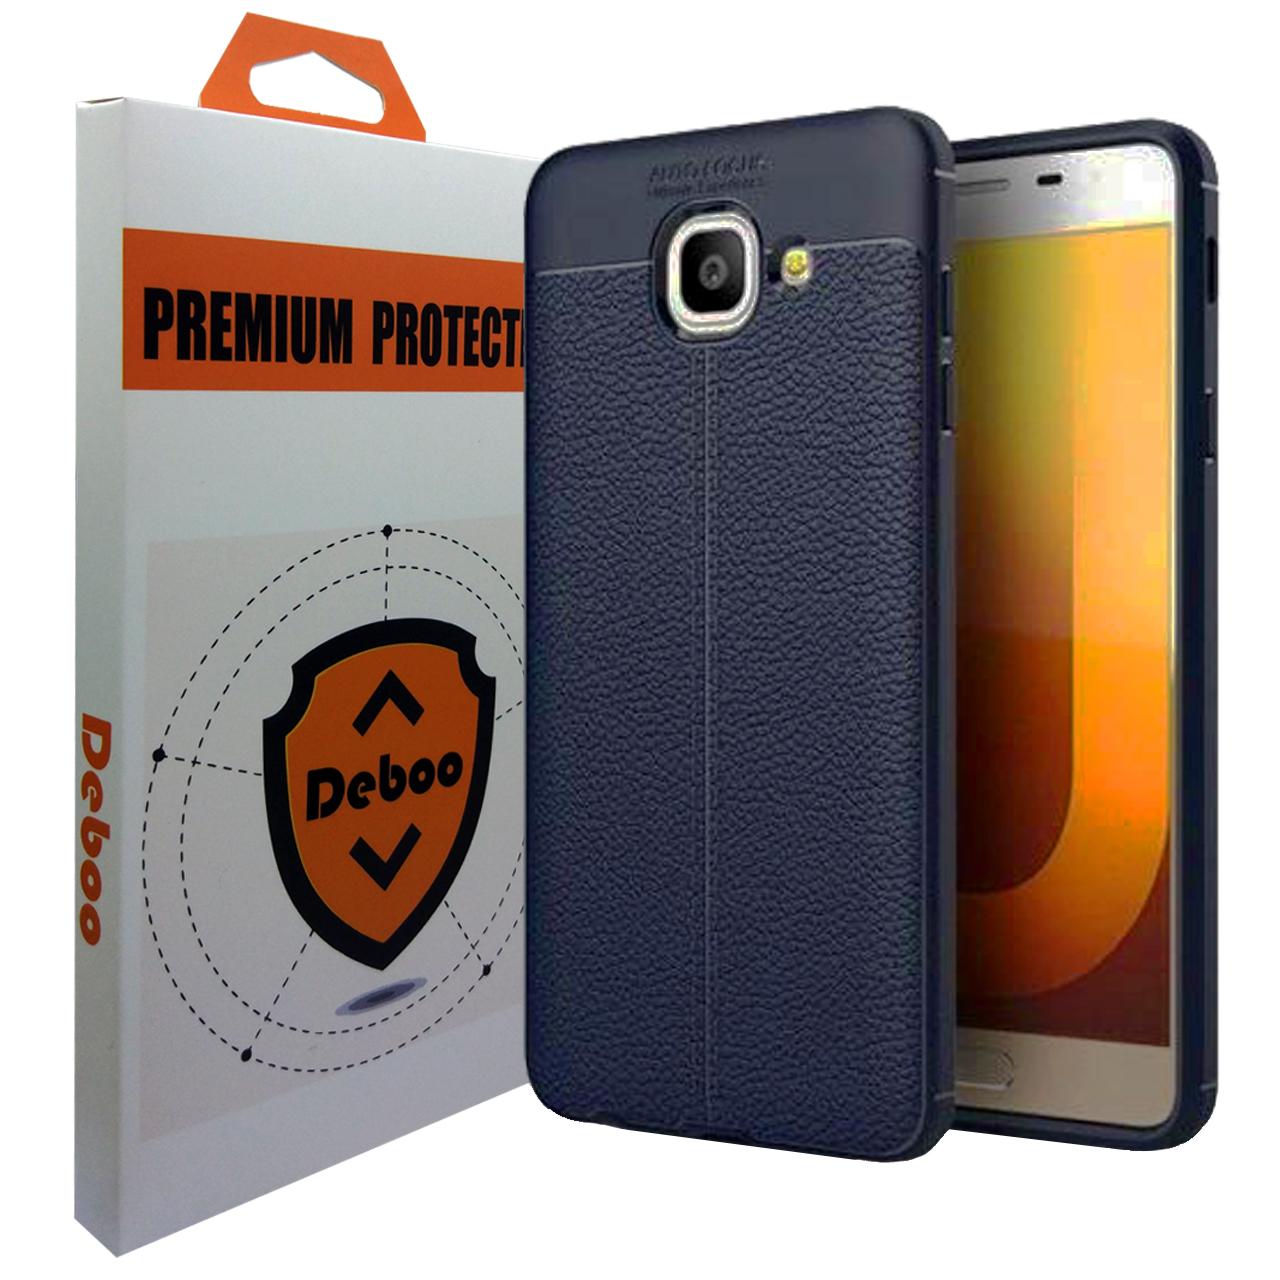 کاور دبو مدل DCAFS مناسب برای گوشی موبایل سامسونگ Galaxy J5 prime              ( قیمت و خرید)